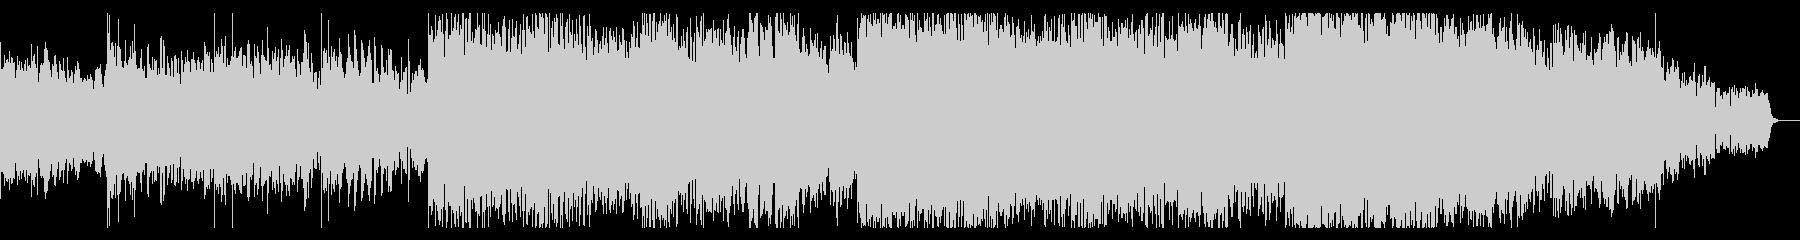 デジタルパンクなIDMテクスチャの未再生の波形